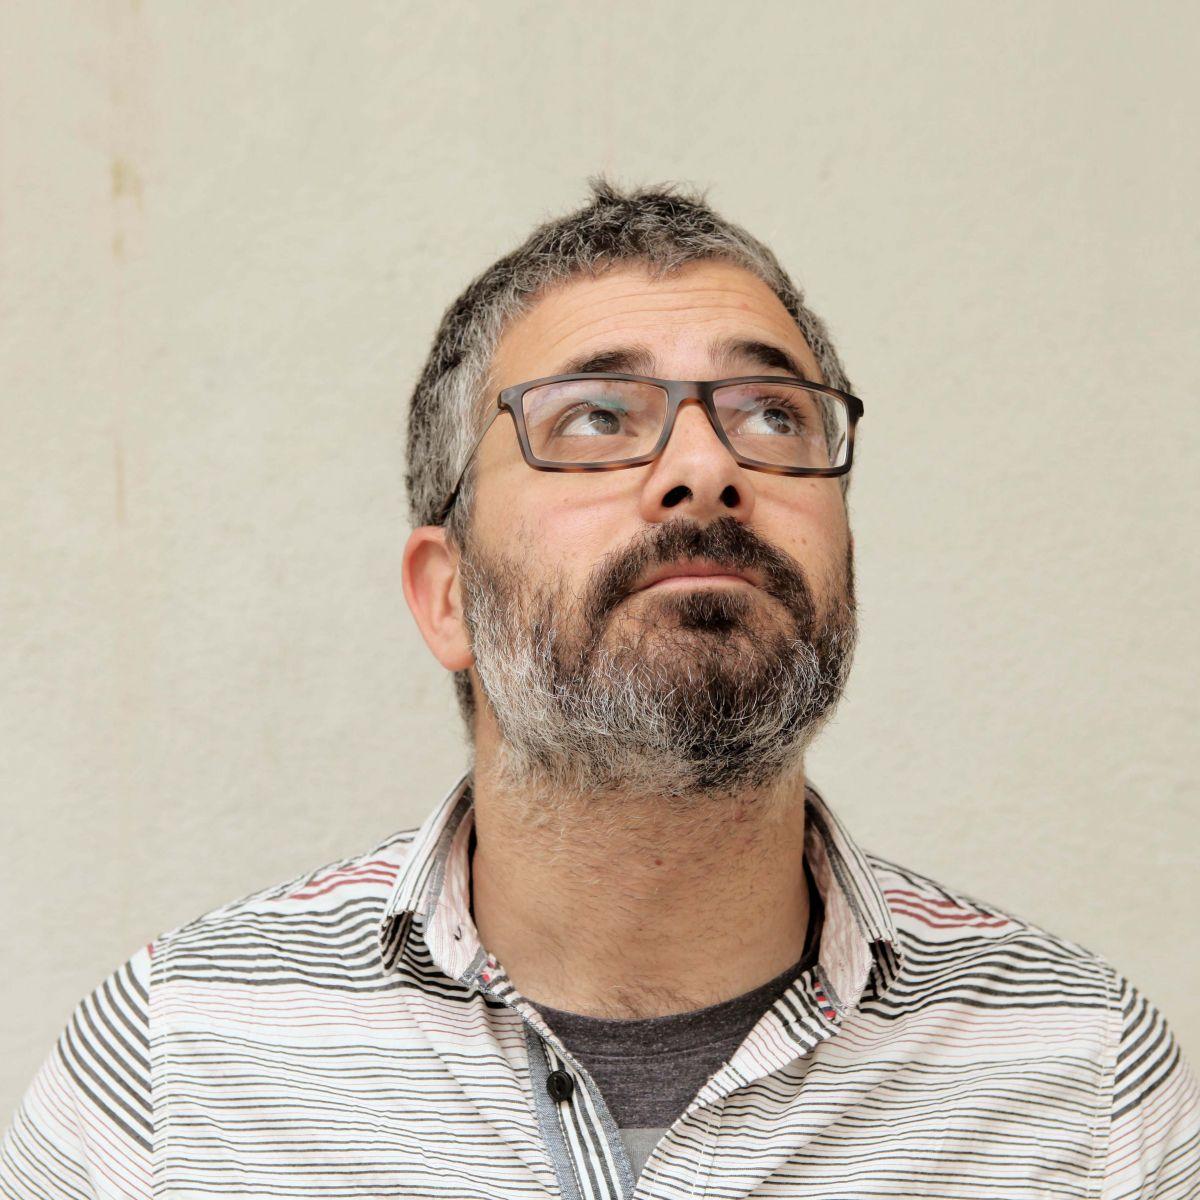 Foto Pau Ortiz, director El desequilibrio perfecto